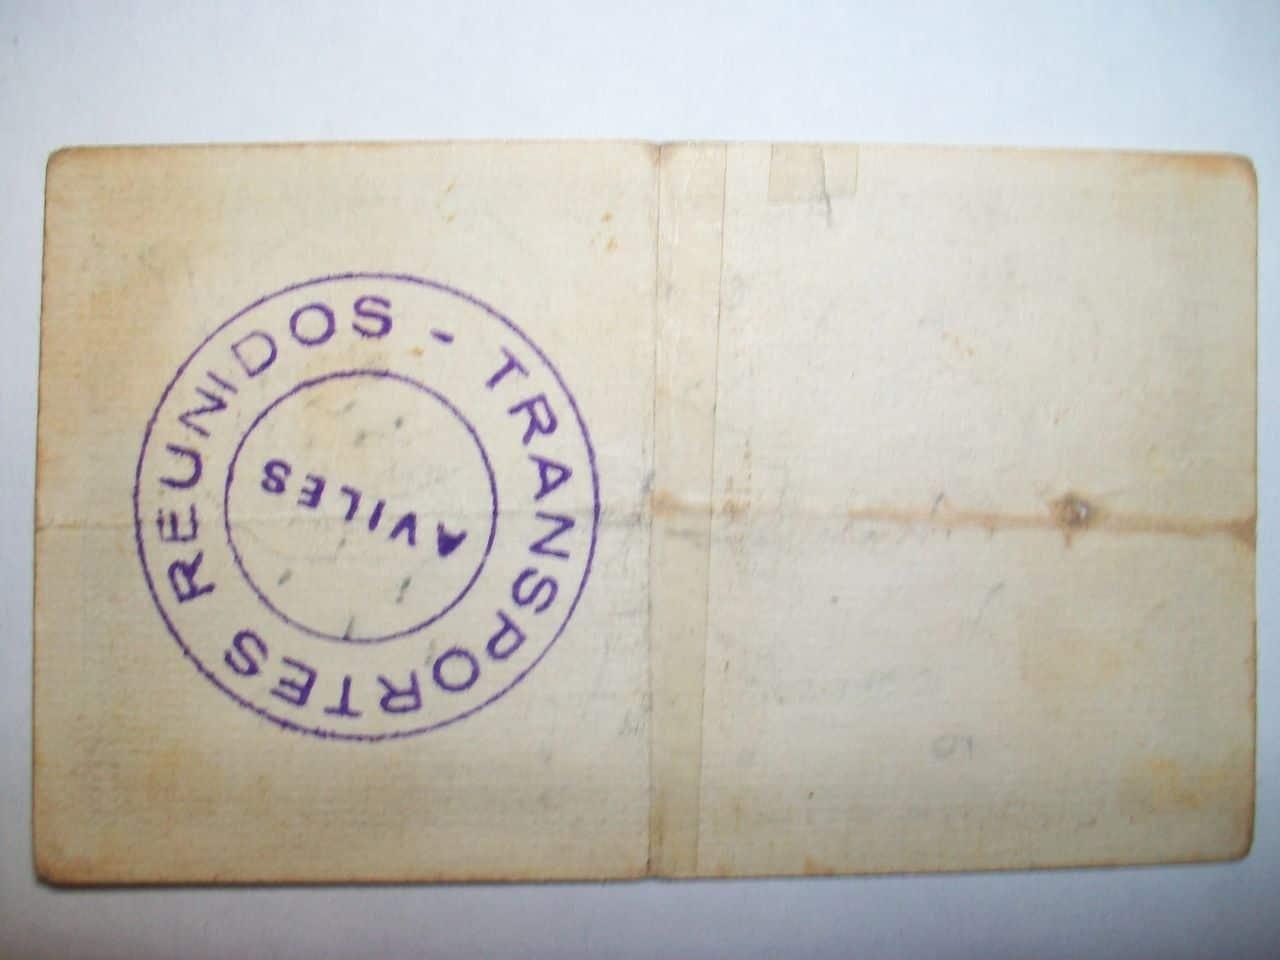 2 Ptas. Control Omnibús El Avilés. 25 de Junio de 1937. 100_2029